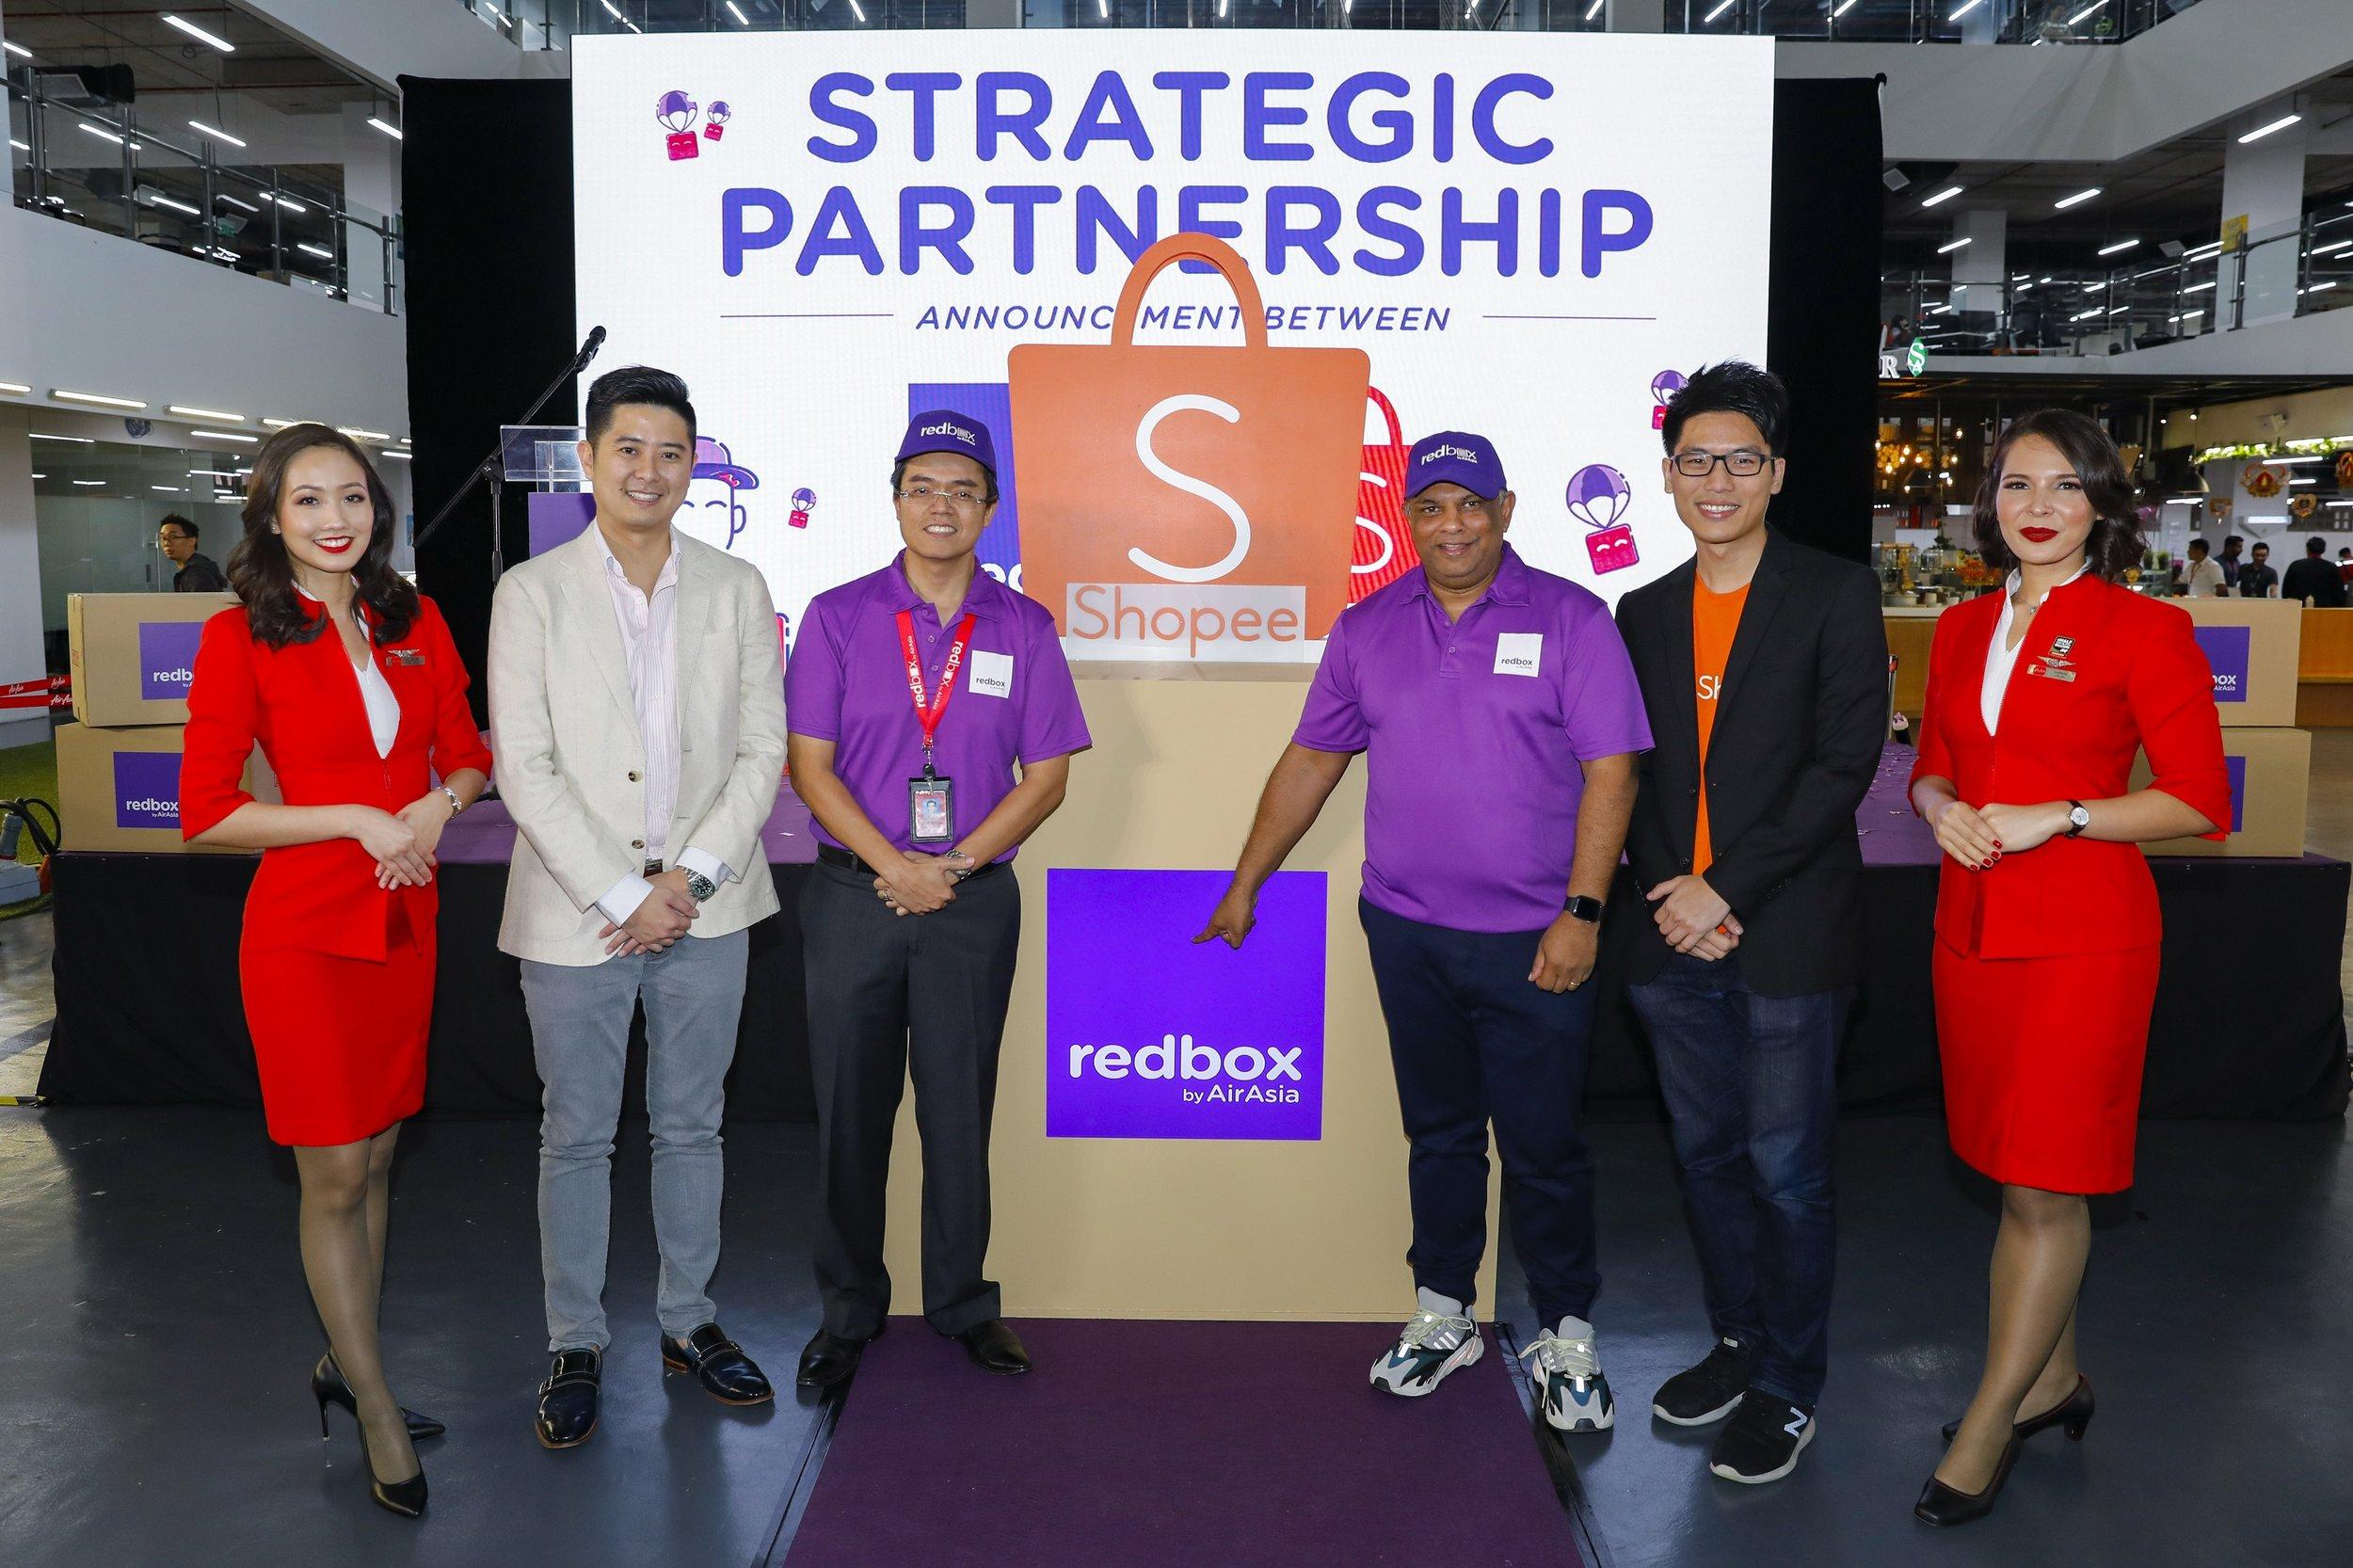 Dua dari kiri: Pengarah Urusan Serantau Shopee Ian Ho; Ketua Pegawai Eksekutif RedBox Dato' Mohd Shukrie Mohd Salleh; Ketua Pegawai Eksekutif Kumpulan AirAsia Tan Sri Tony Fernandes; Ketua Operasi Shopee Esten Mok di majlis pengumuman kerjasama antara RedBox dan Shopee .